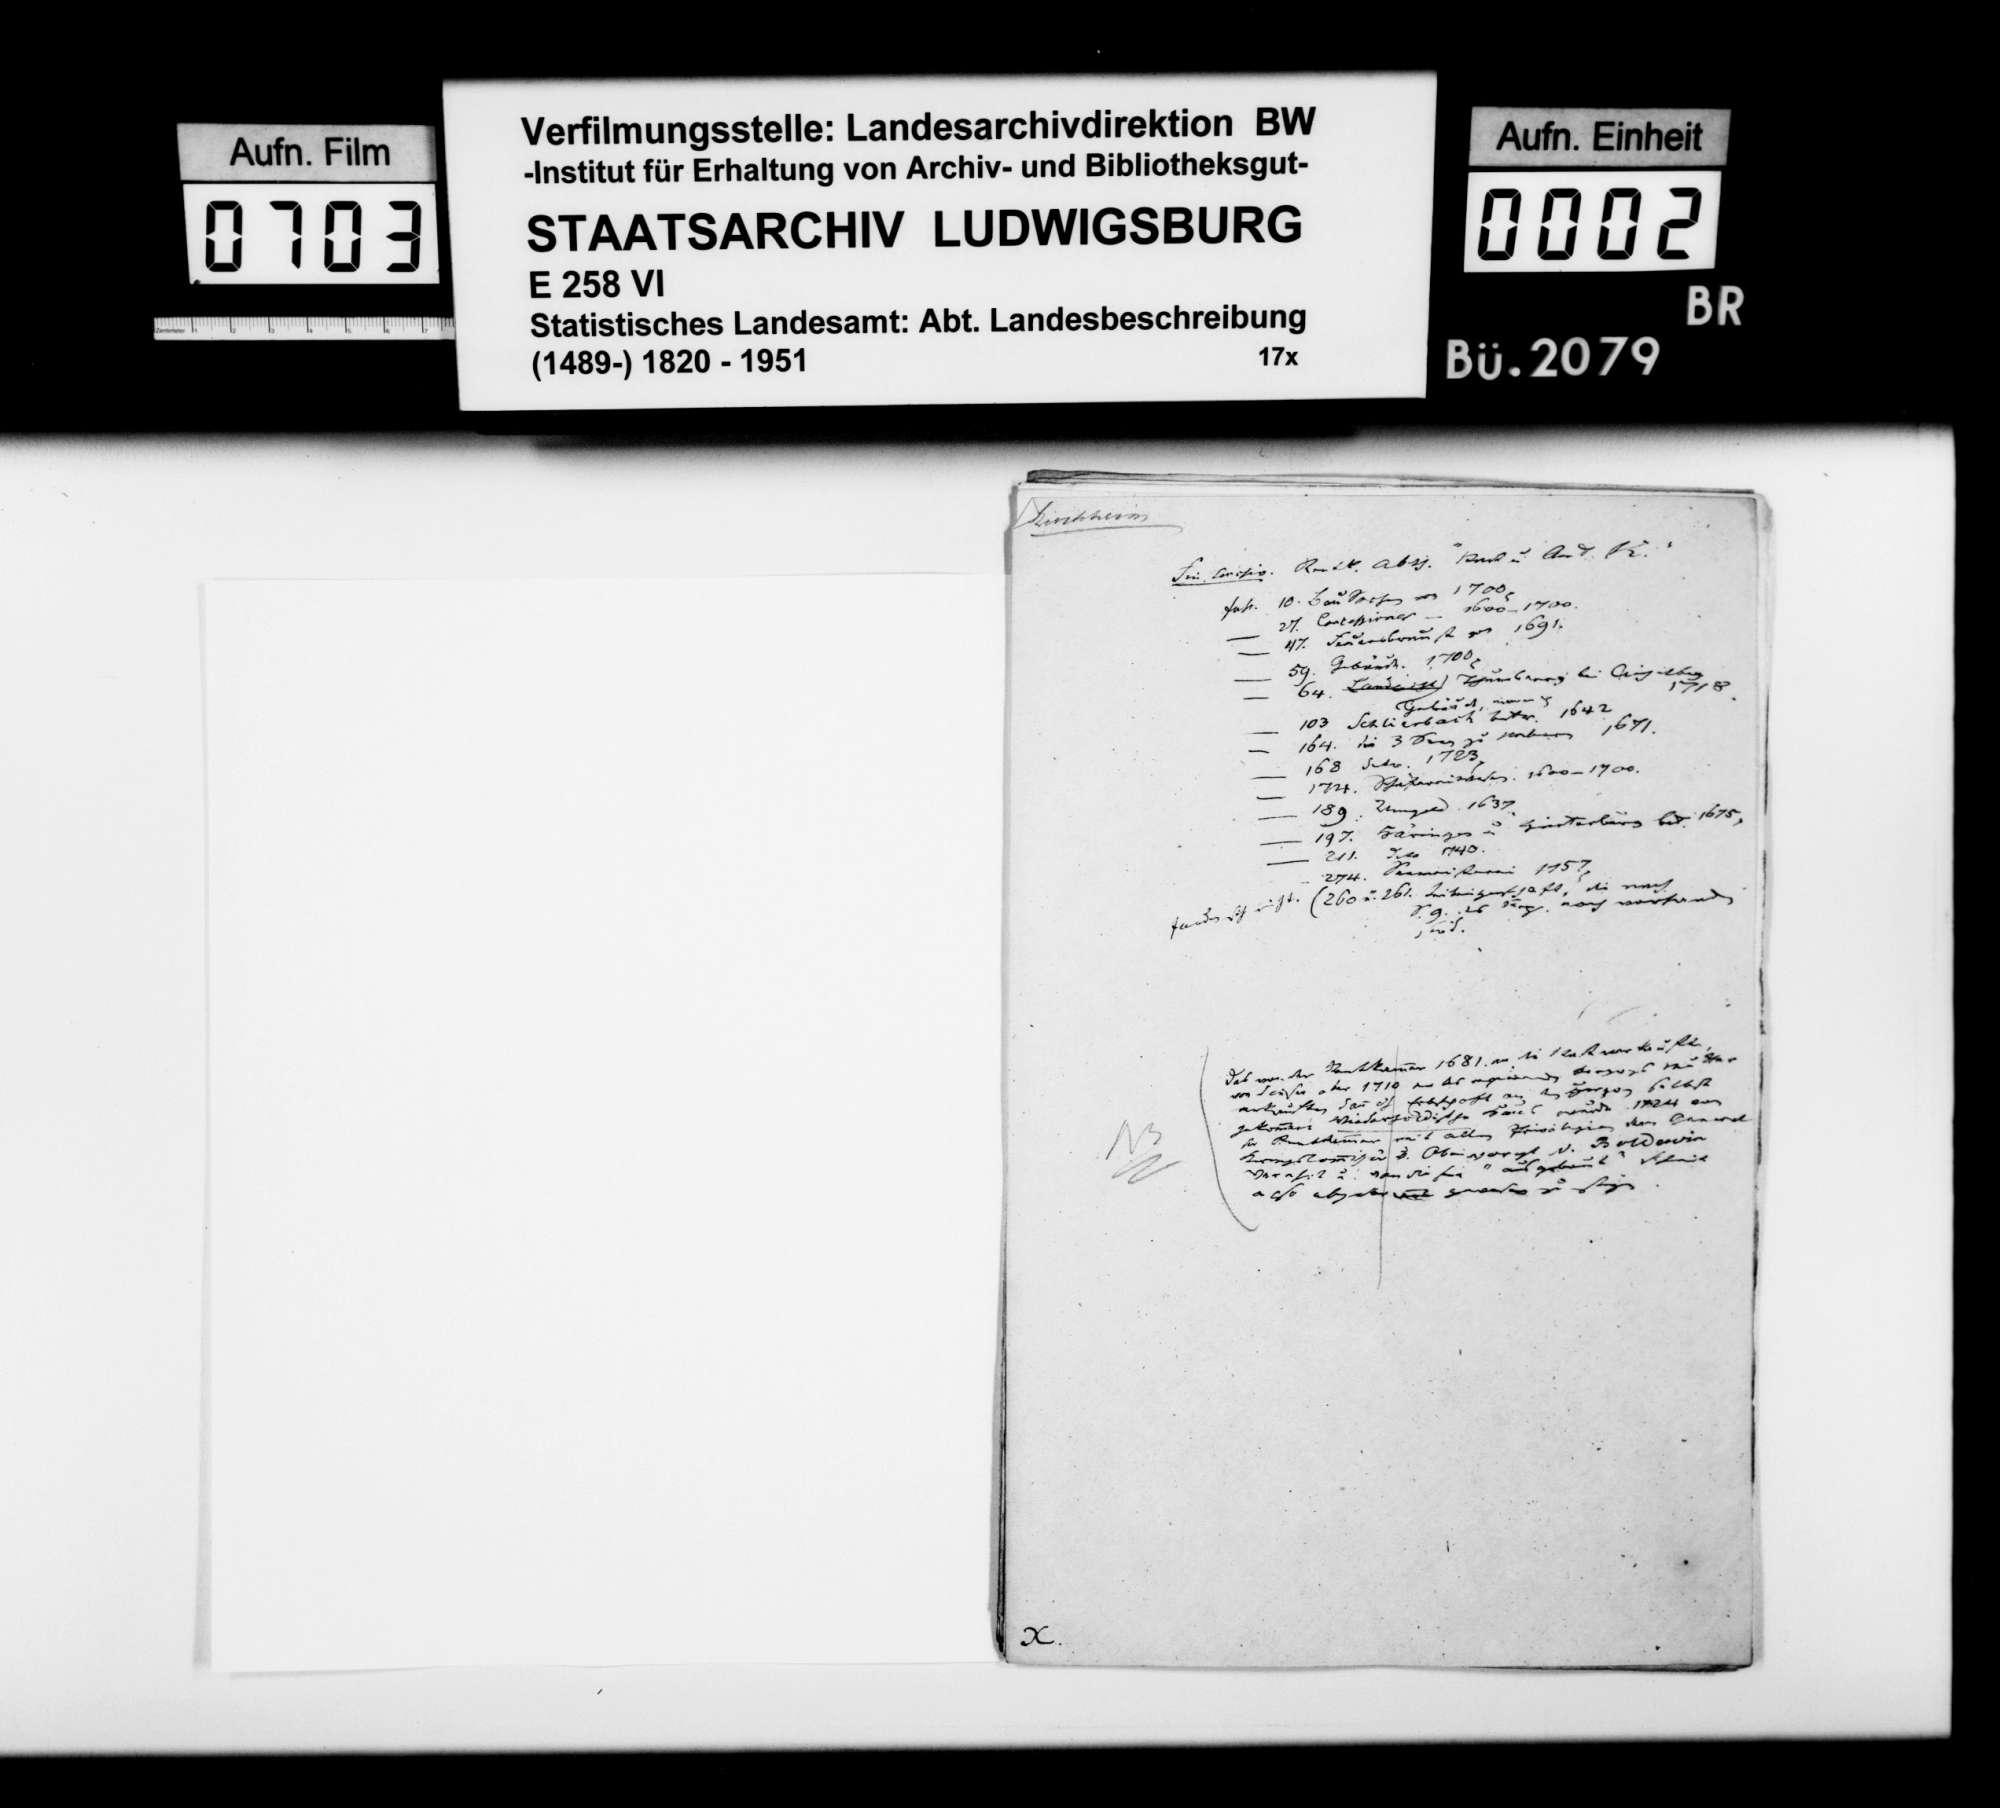 Manuskript und Material [des Finanzassessors Moser] zu Teil A (Allgemeines) der OAB, mit Schwerpunkt auf der Geschichte, Bild 1